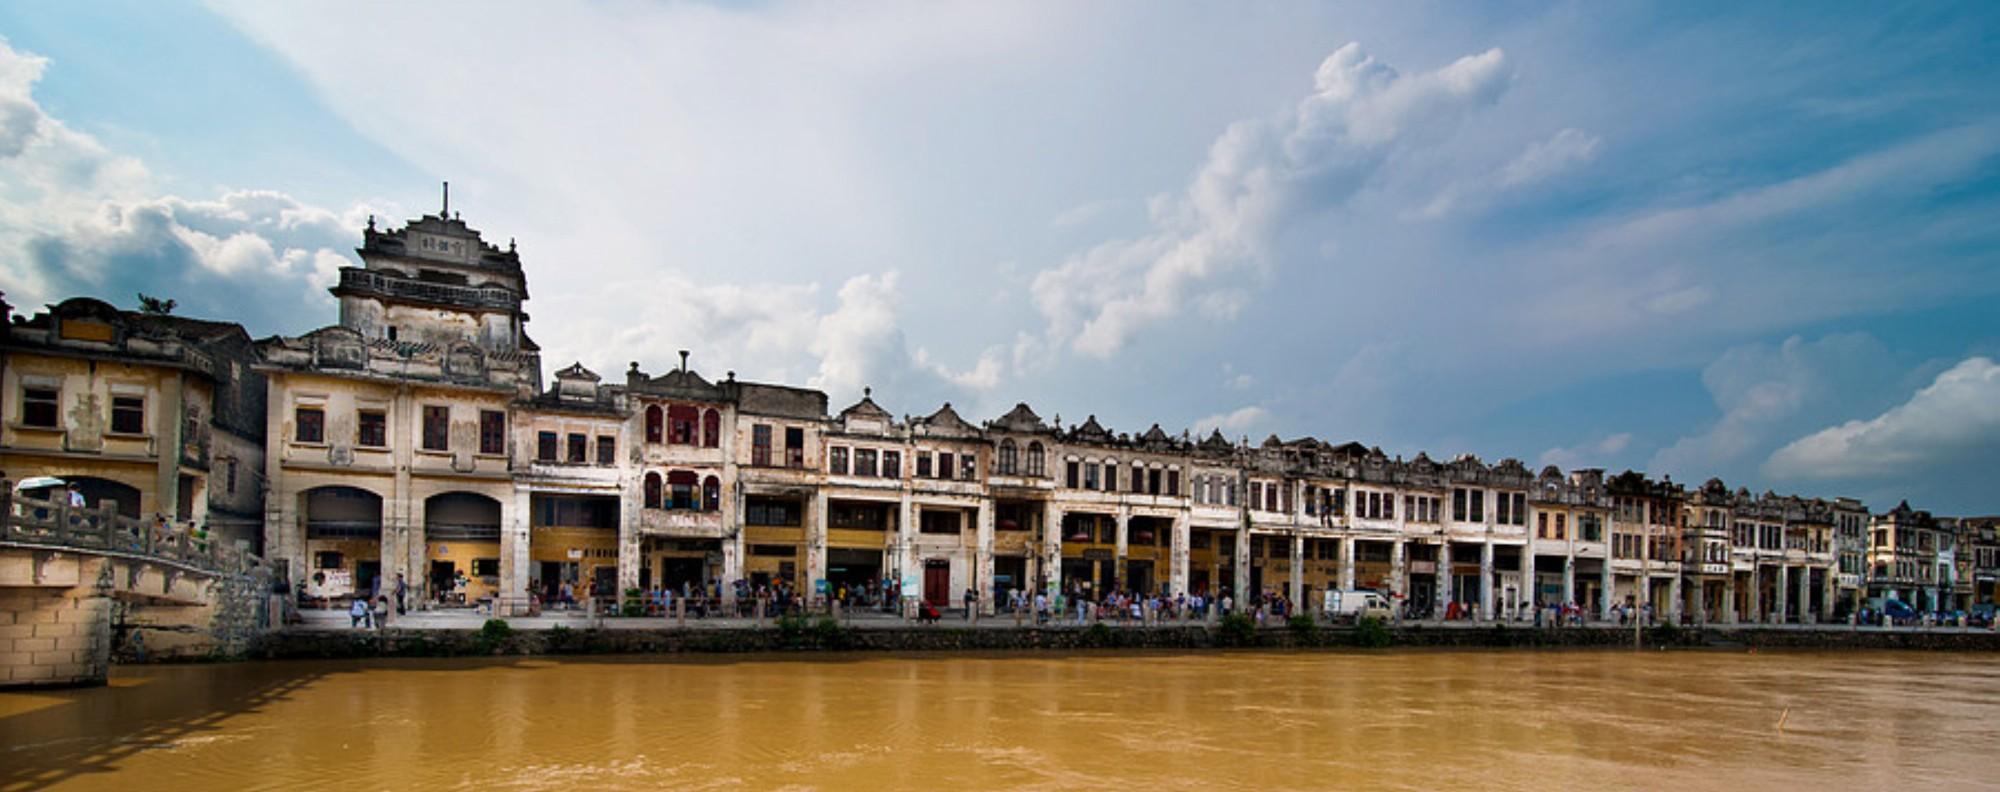 Kaiping Diaolou in Kaiping county, Jiangmen city. Photo: Corbis